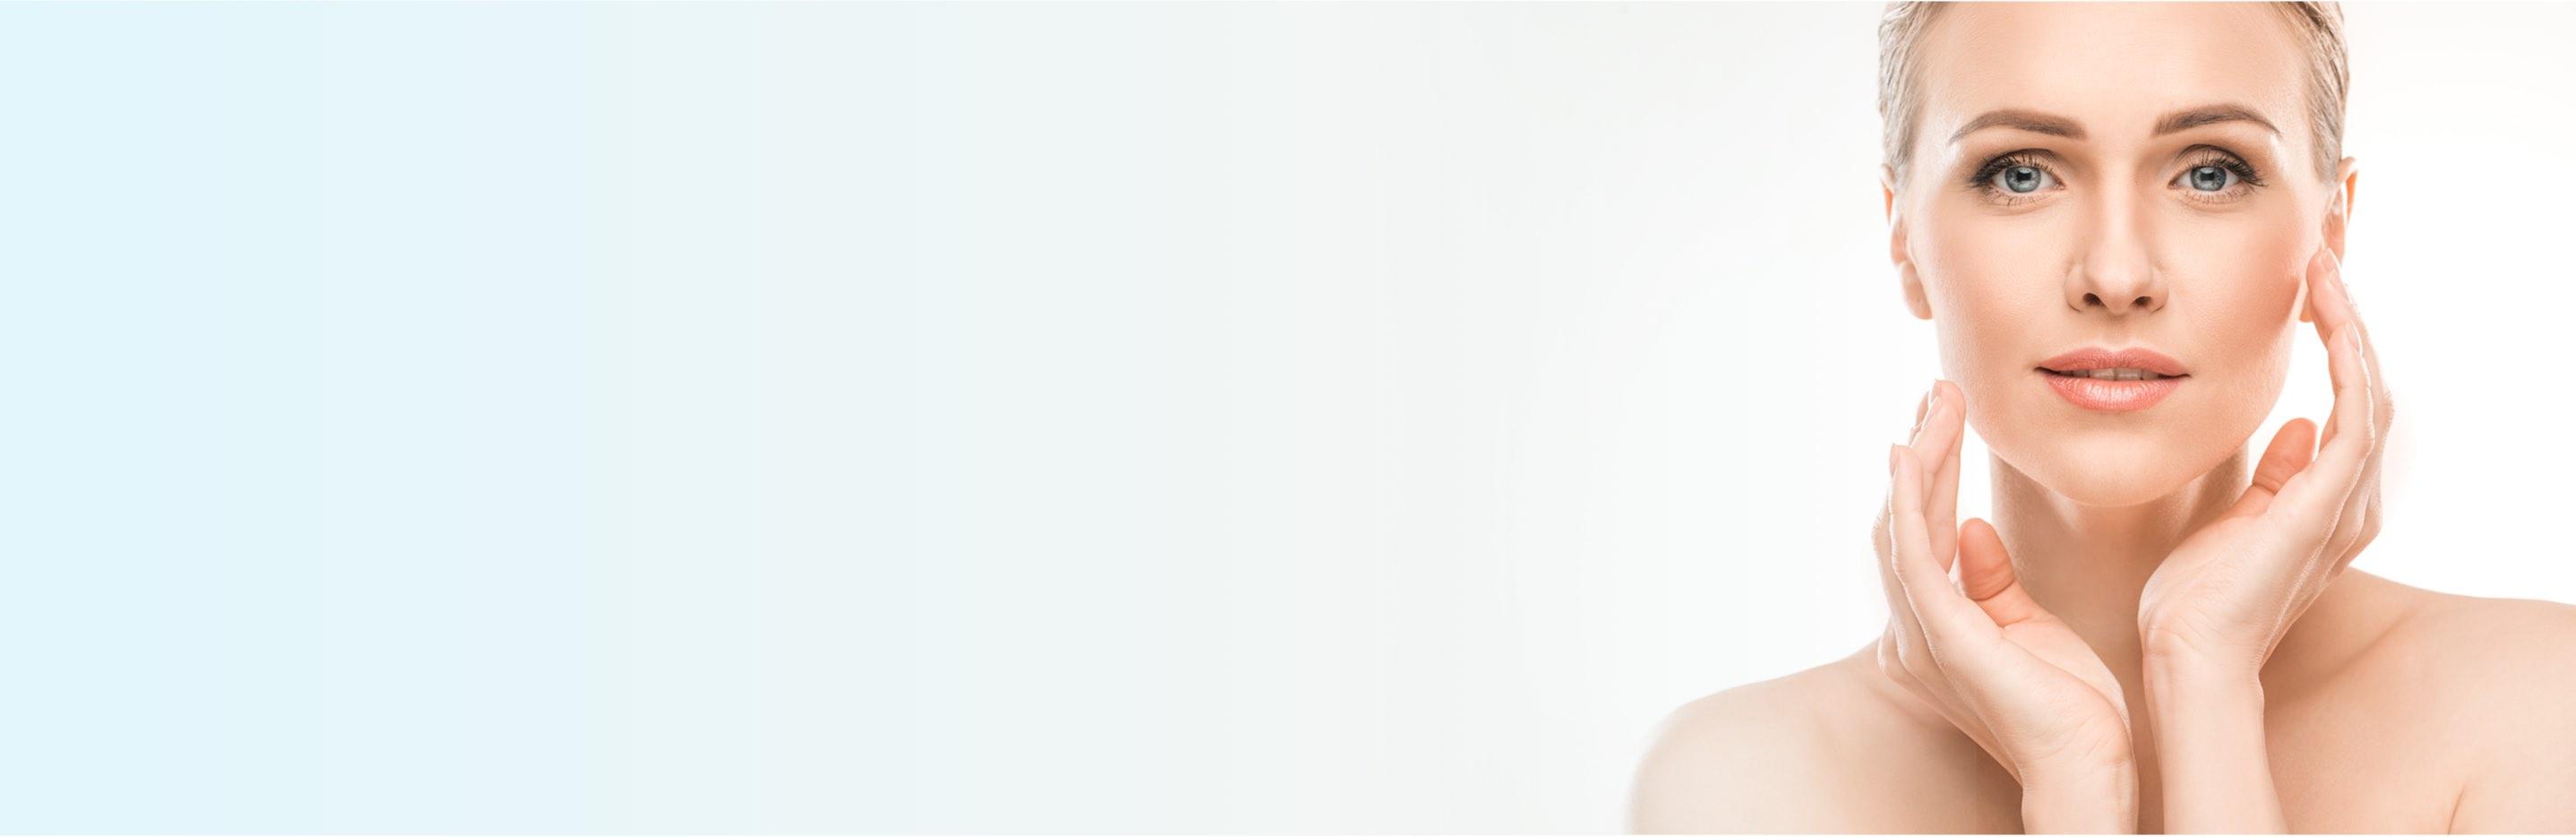 Faltenbehandlung Facelift Botox® Lübeck Gesicht